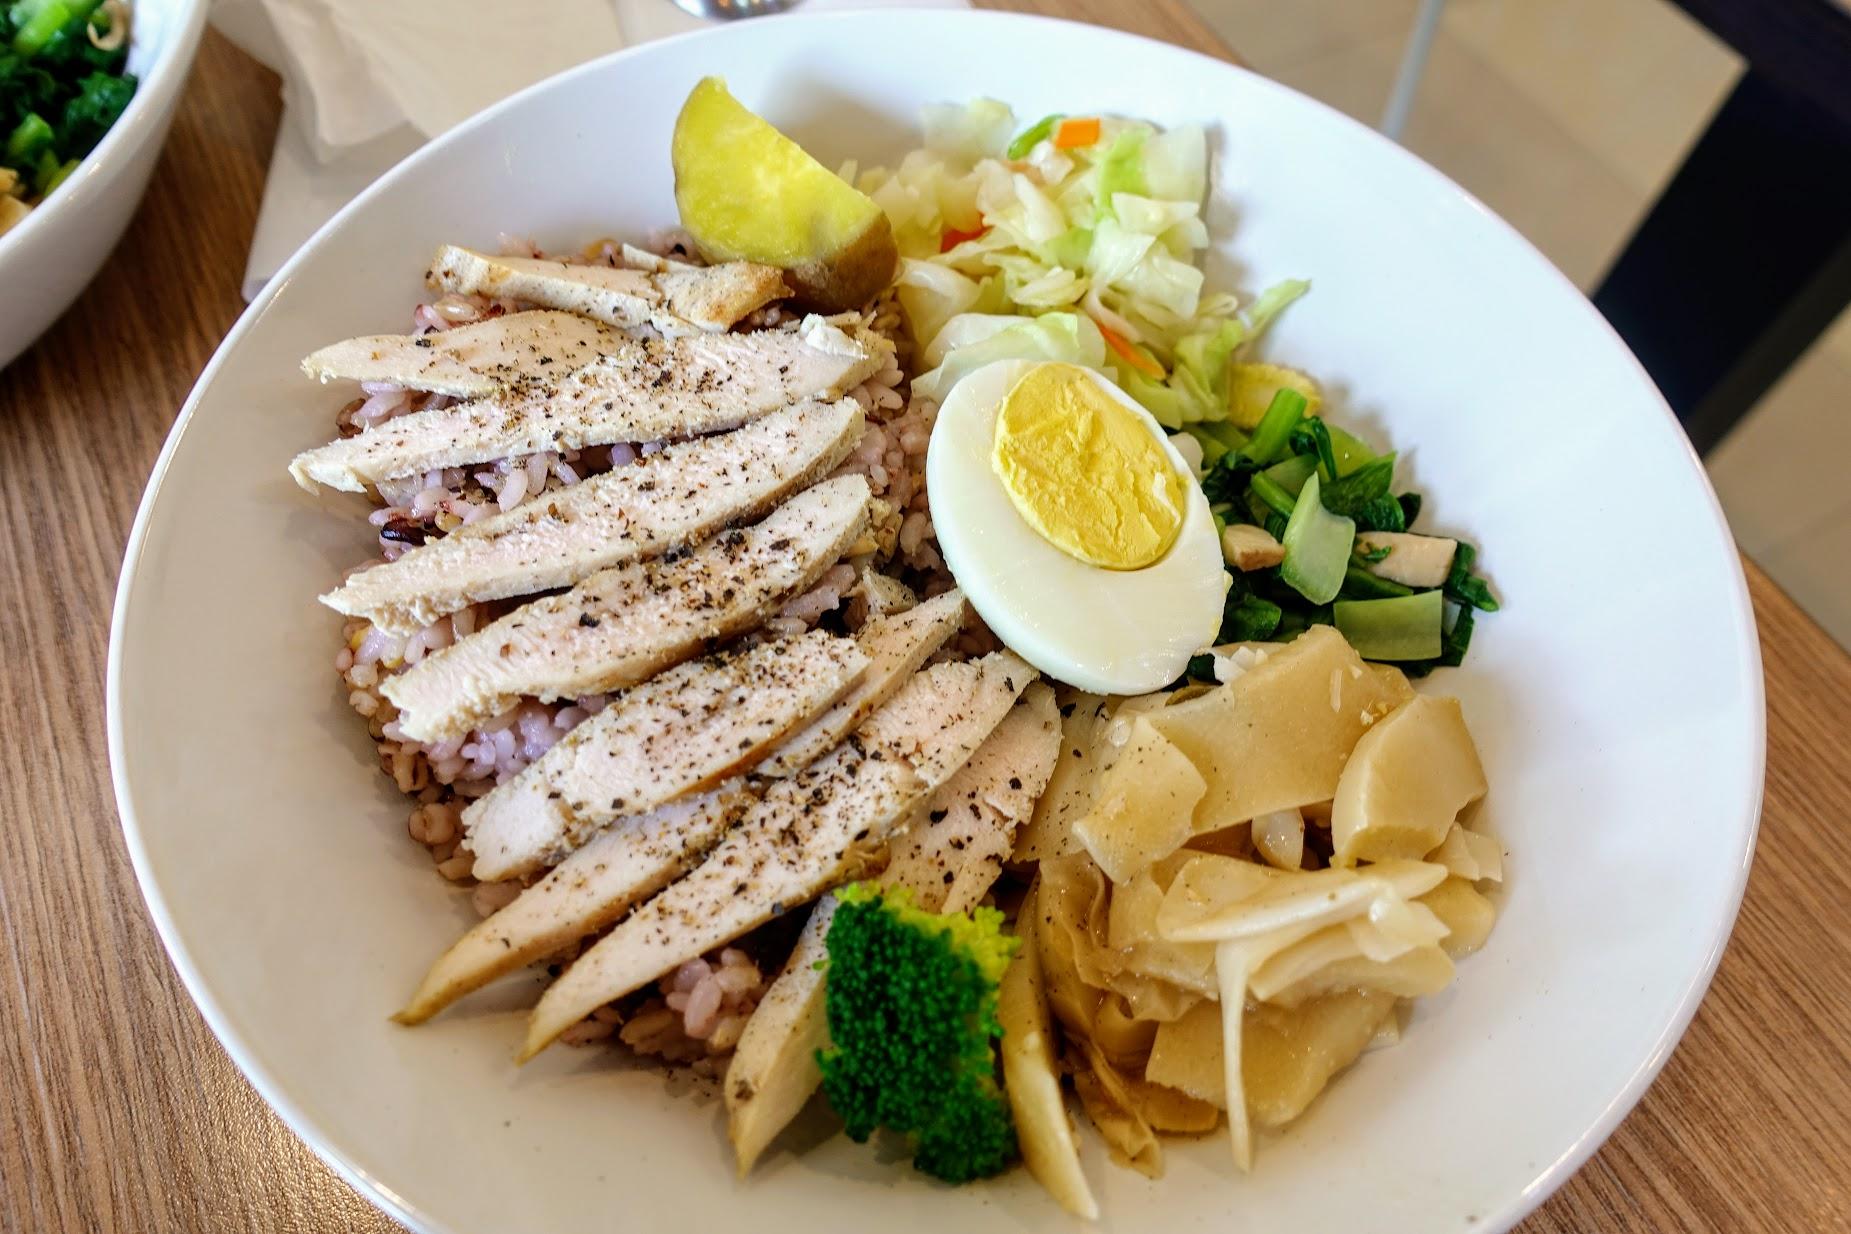 椒鹽嫩雞胸餐,跟上頭的配菜相同